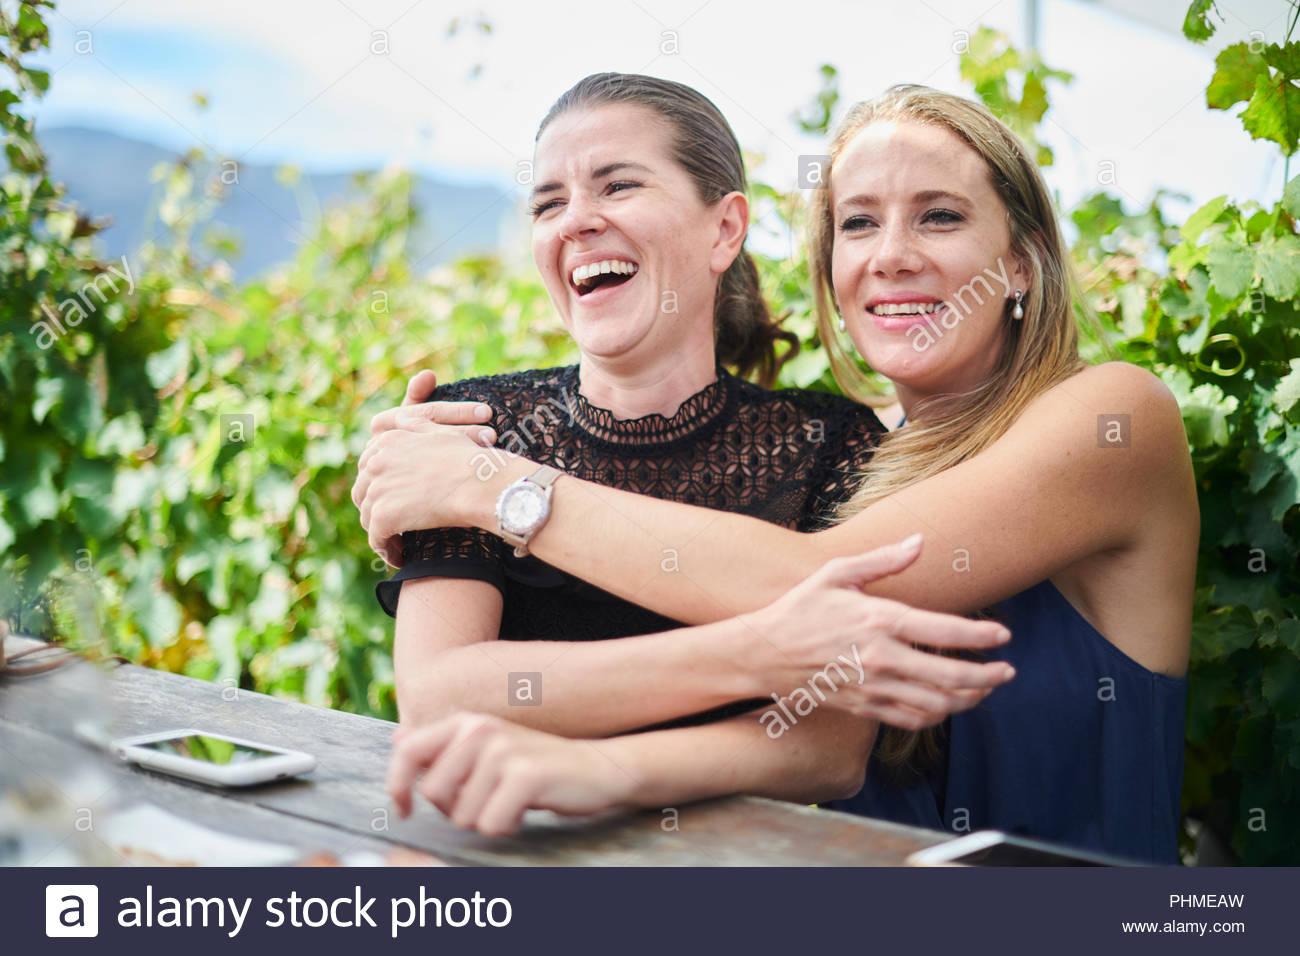 Sorridente che abbraccia gli amici a pranzo Immagini Stock